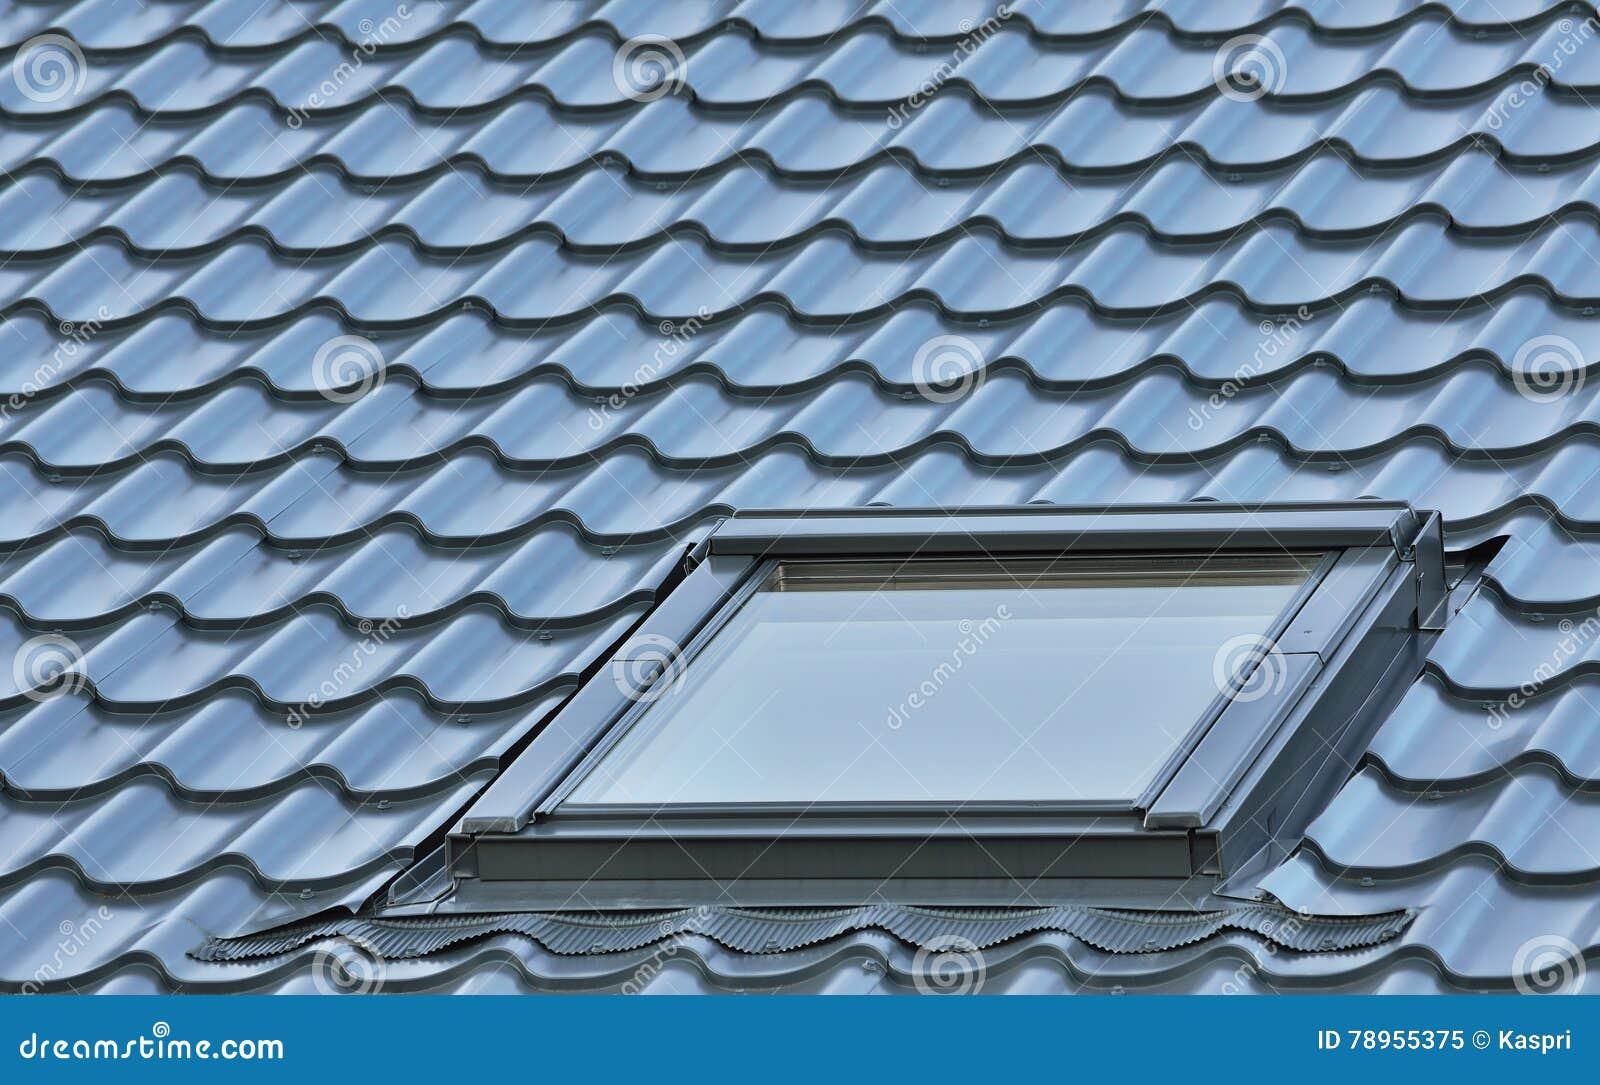 Telhe a janela, telhado telhado cinzento, grande fundo detalhado da claraboia do sótão, teste padrão diagonal do telhado